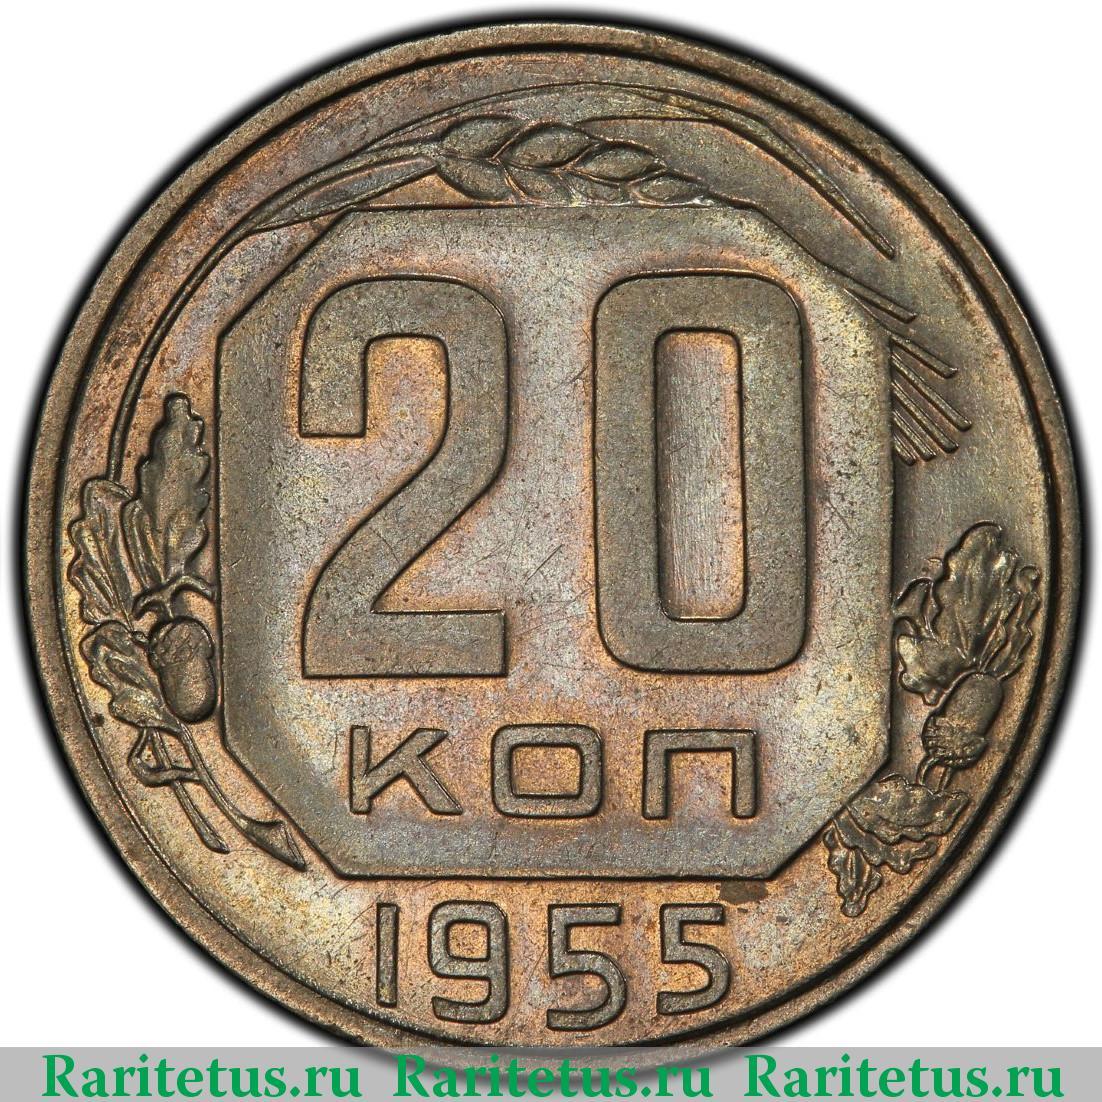 20 коп 1955 года стоимость альбом для банкнот купить в интернет магазине